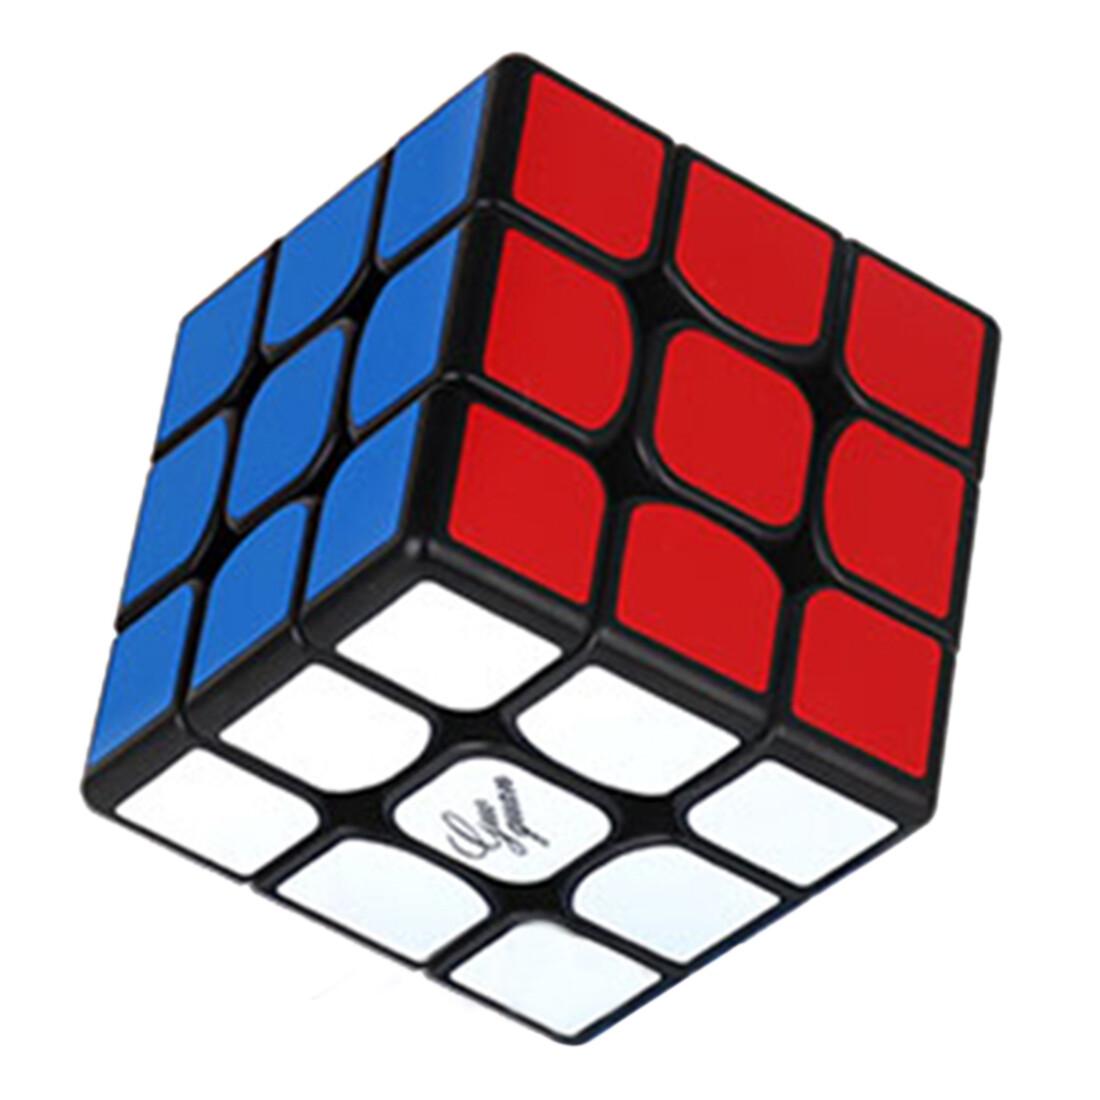 MoYu 3x3x3 GuoGuan YueXiao EDM black